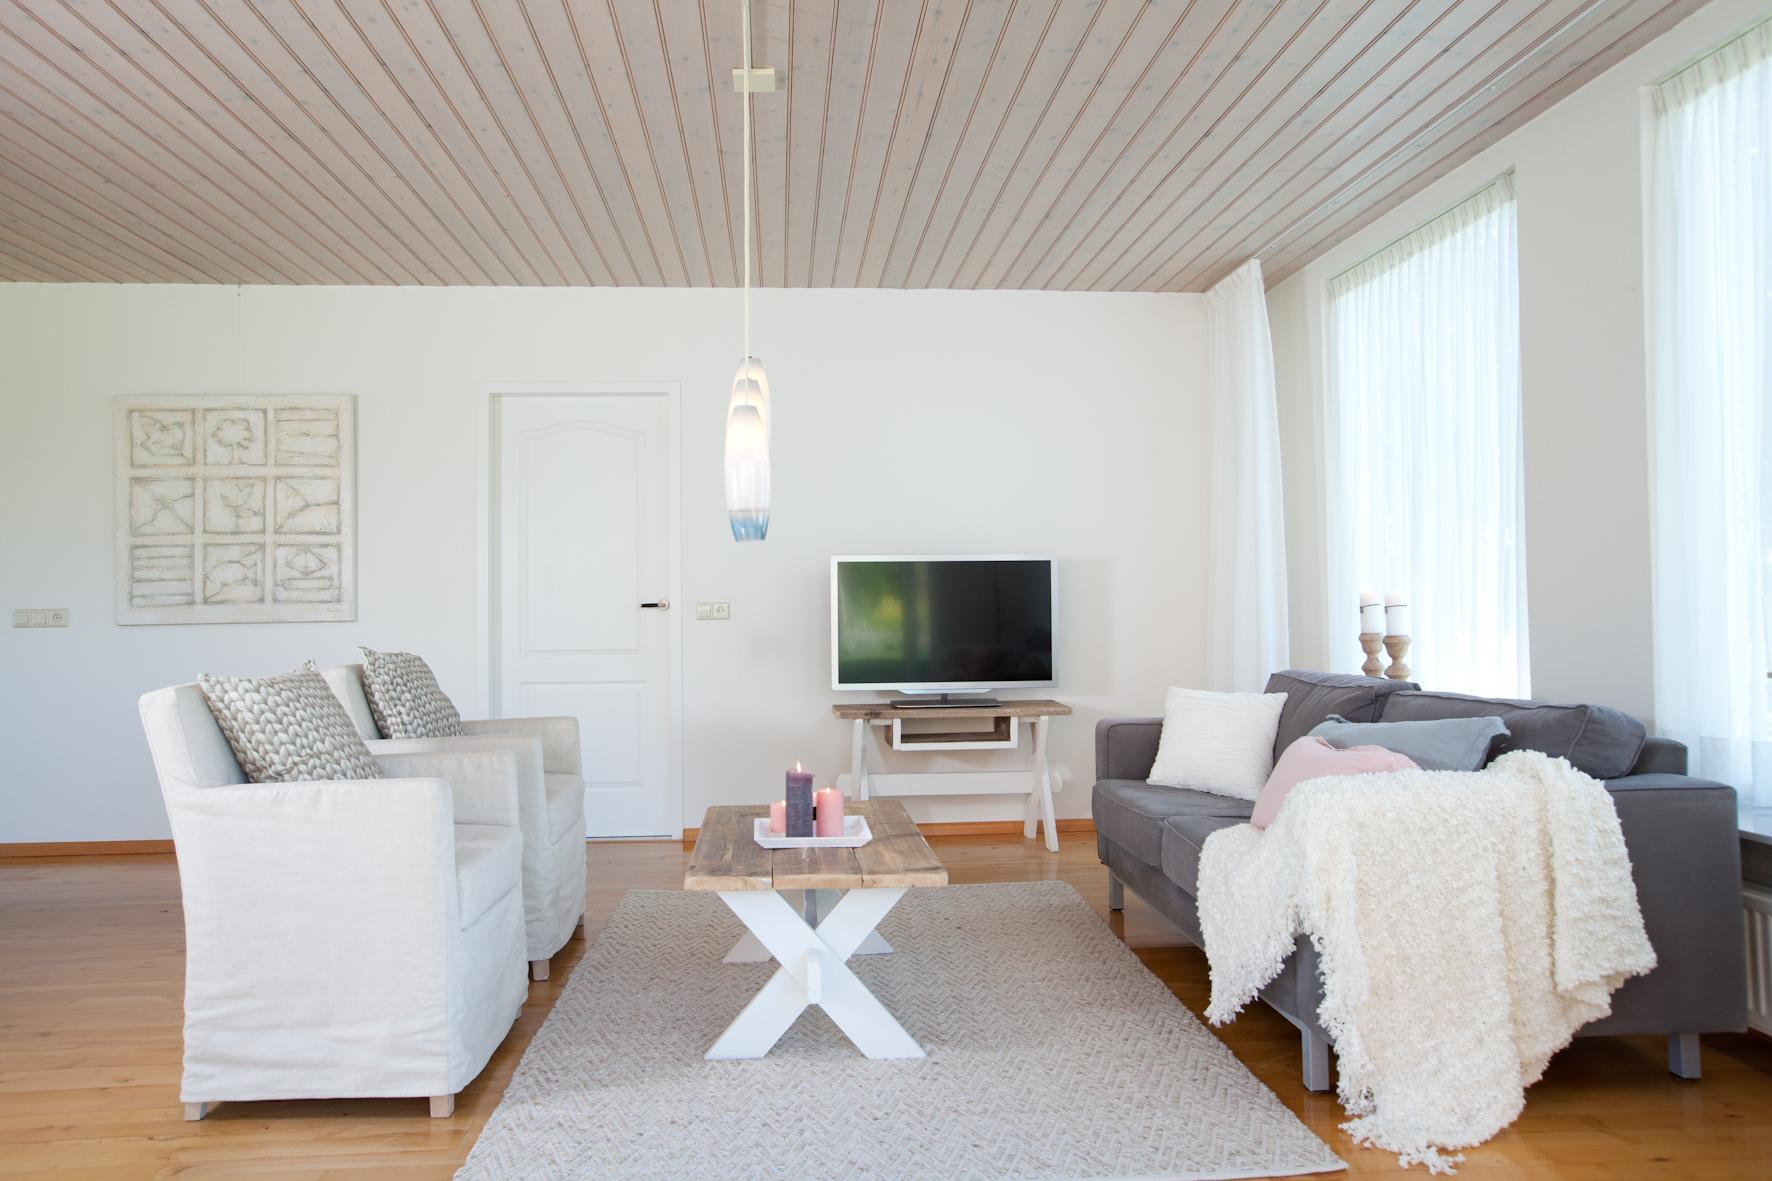 Voorbeeld styling woonkamer for - Woonkamer fotos ...